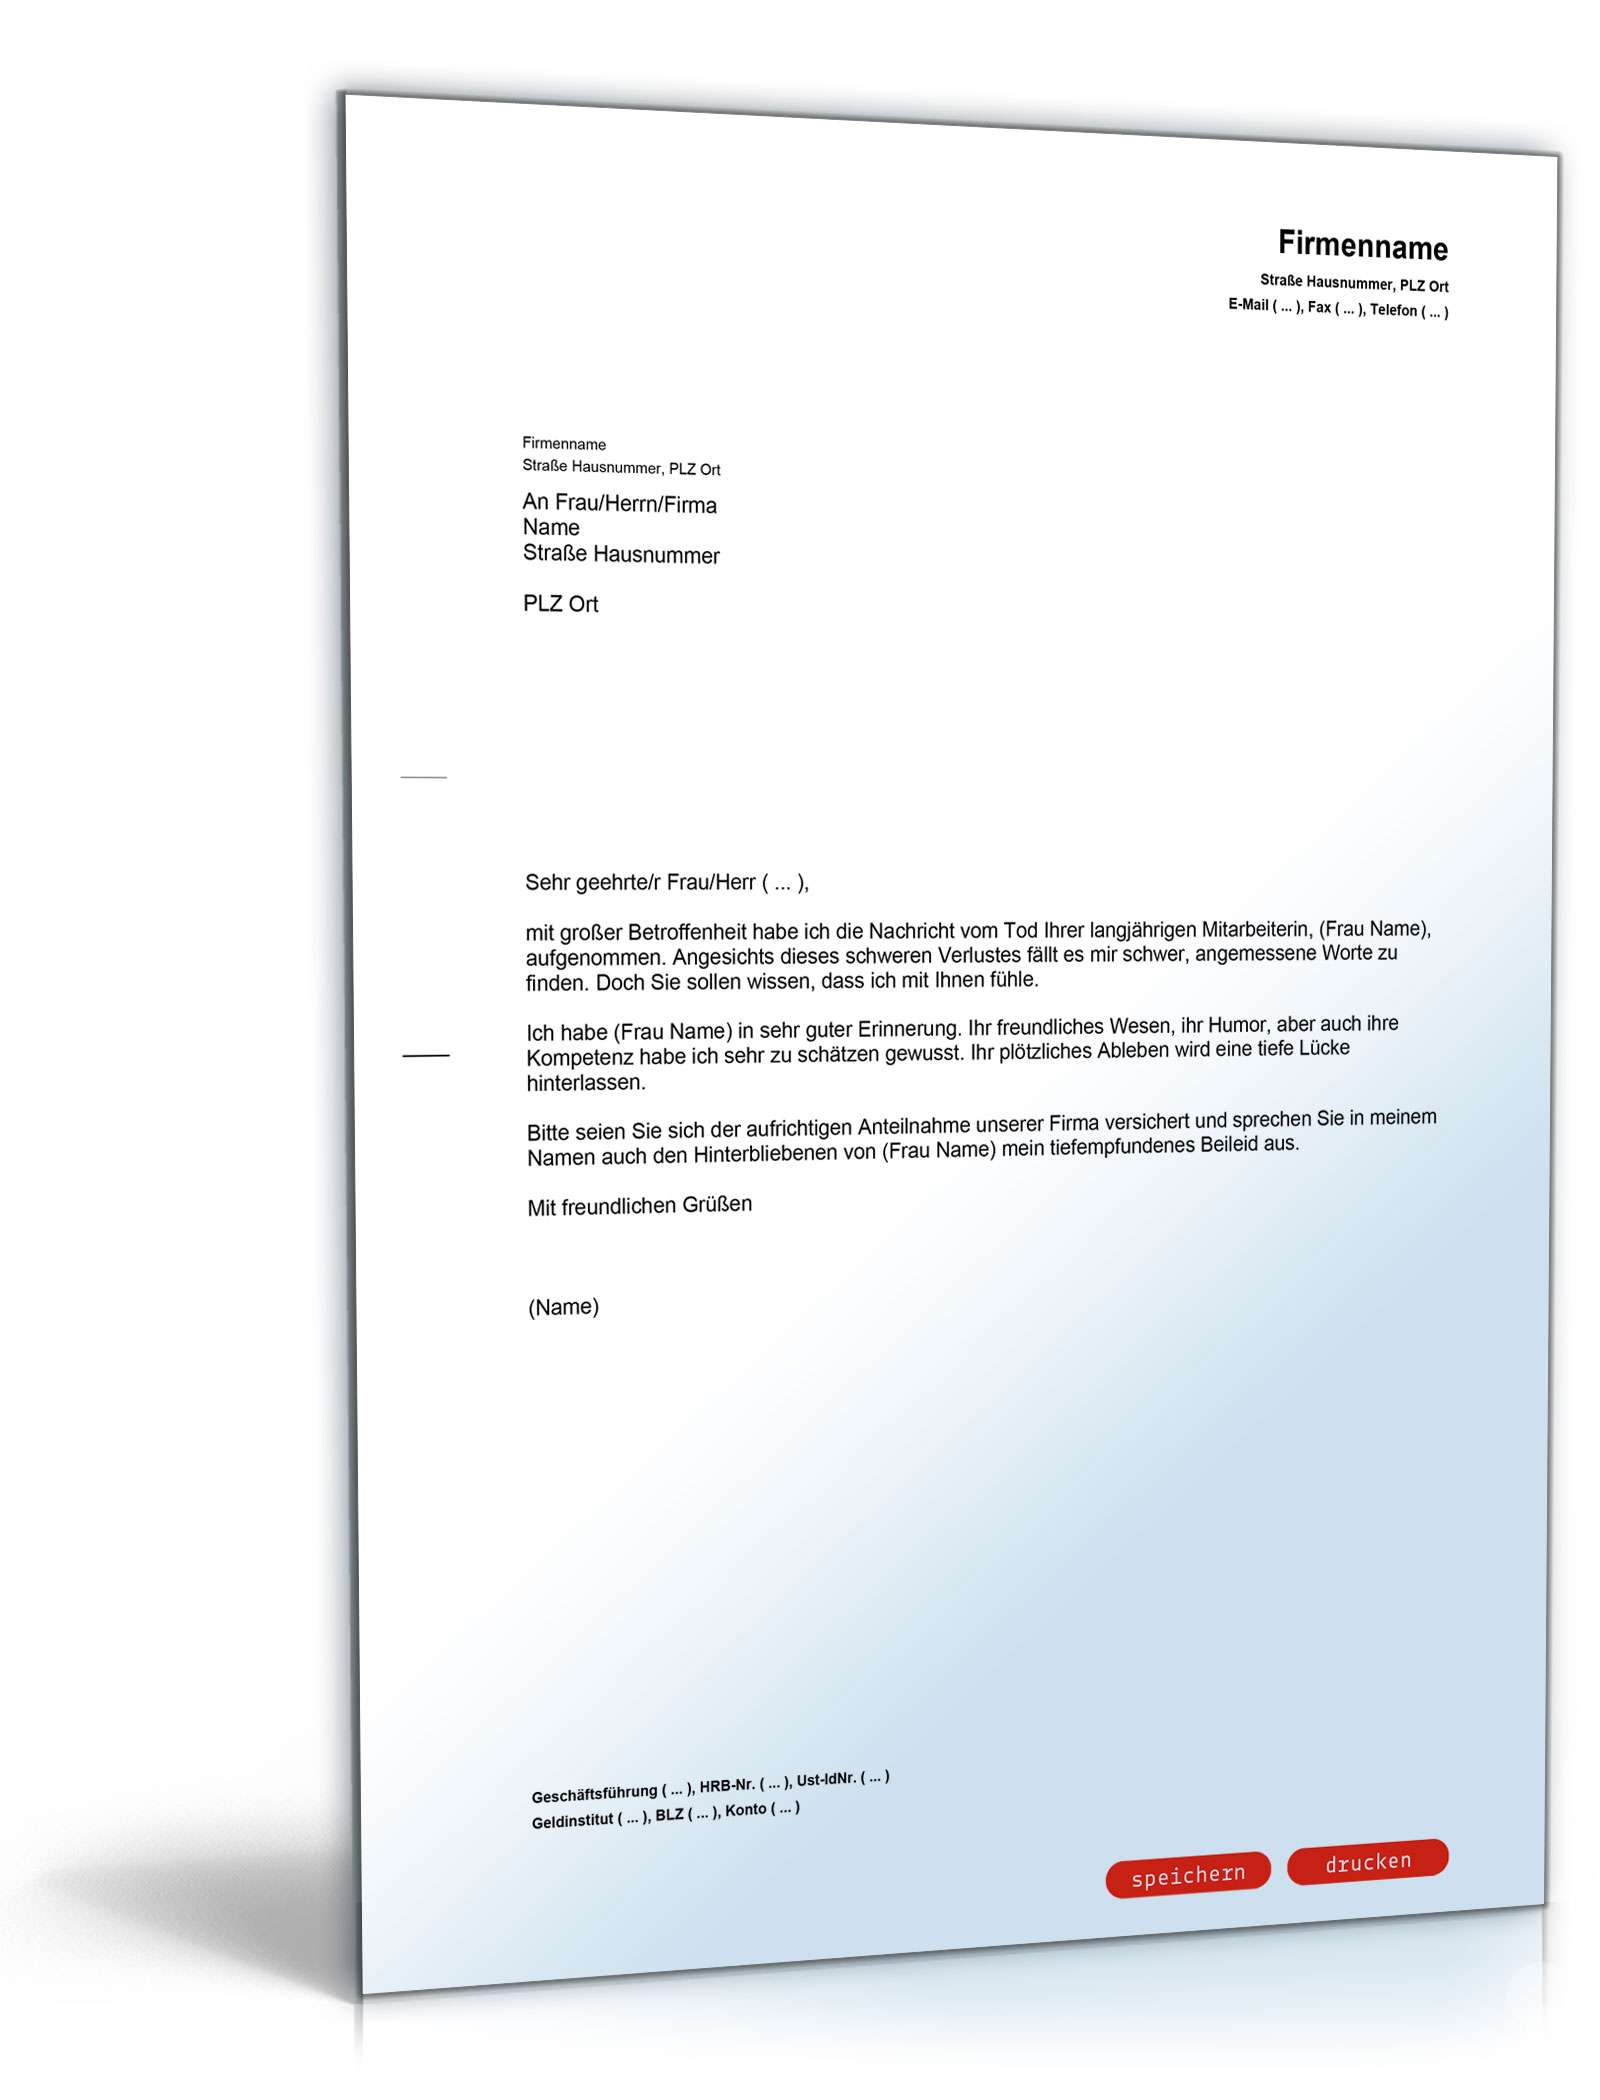 kondolenzschreiben an geschftsfhrer zum tod einer mitarbeiterin - Kondolenzbrief Muster